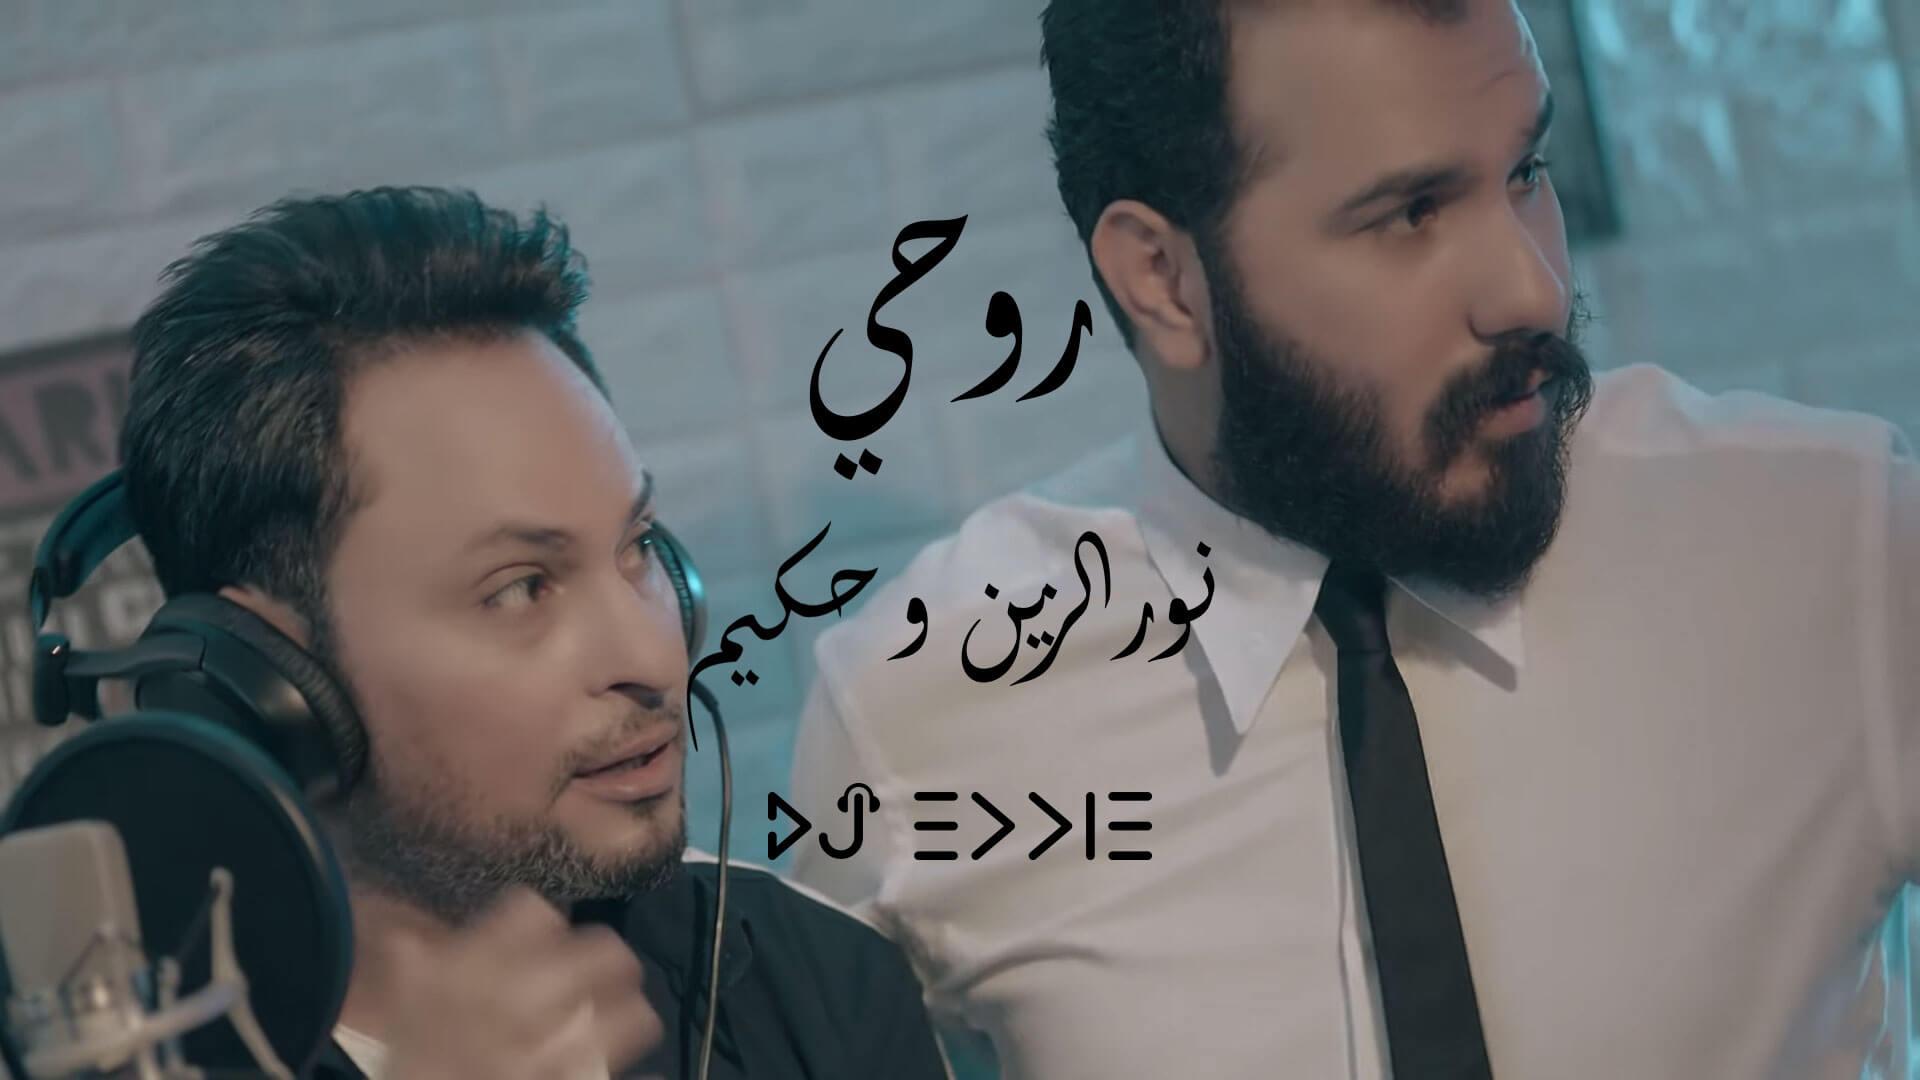 Noor Alzien - Hakem - Rohe نور الزين و حكيم - روحي